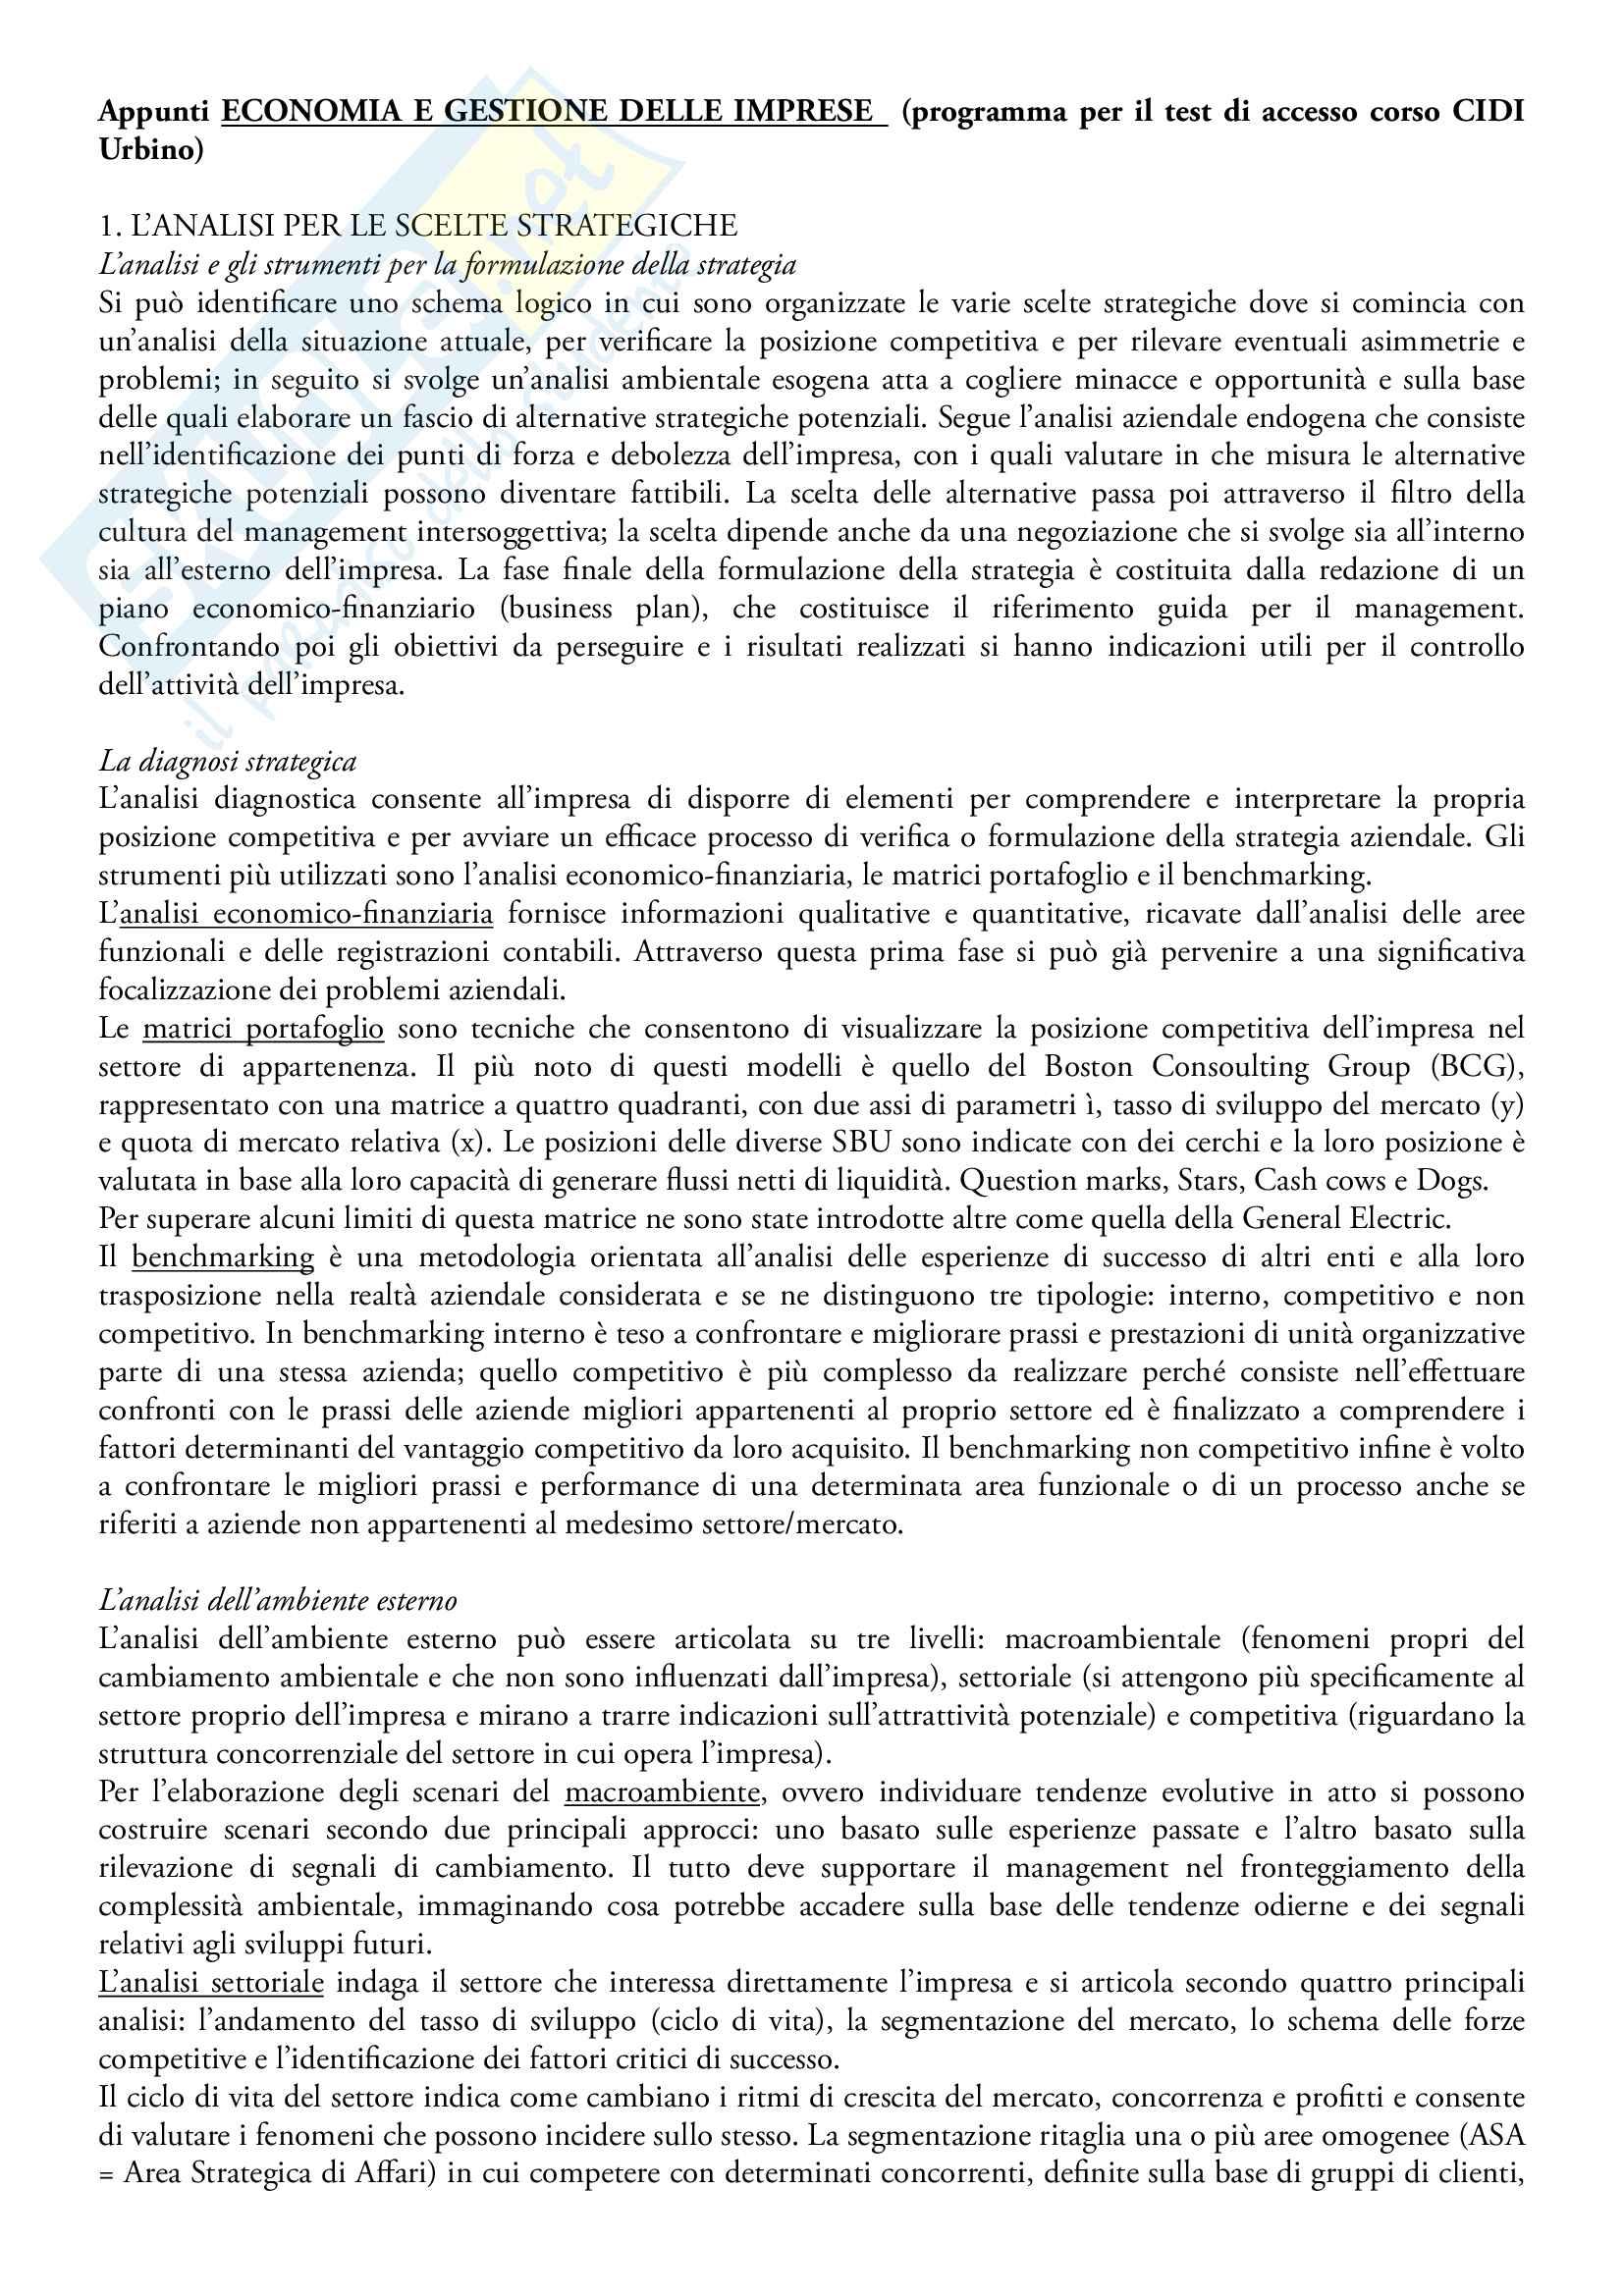 Appunti di Economia e gestione delle imprese, prof. Marco Cioppi per test ammissione CIDI urbino